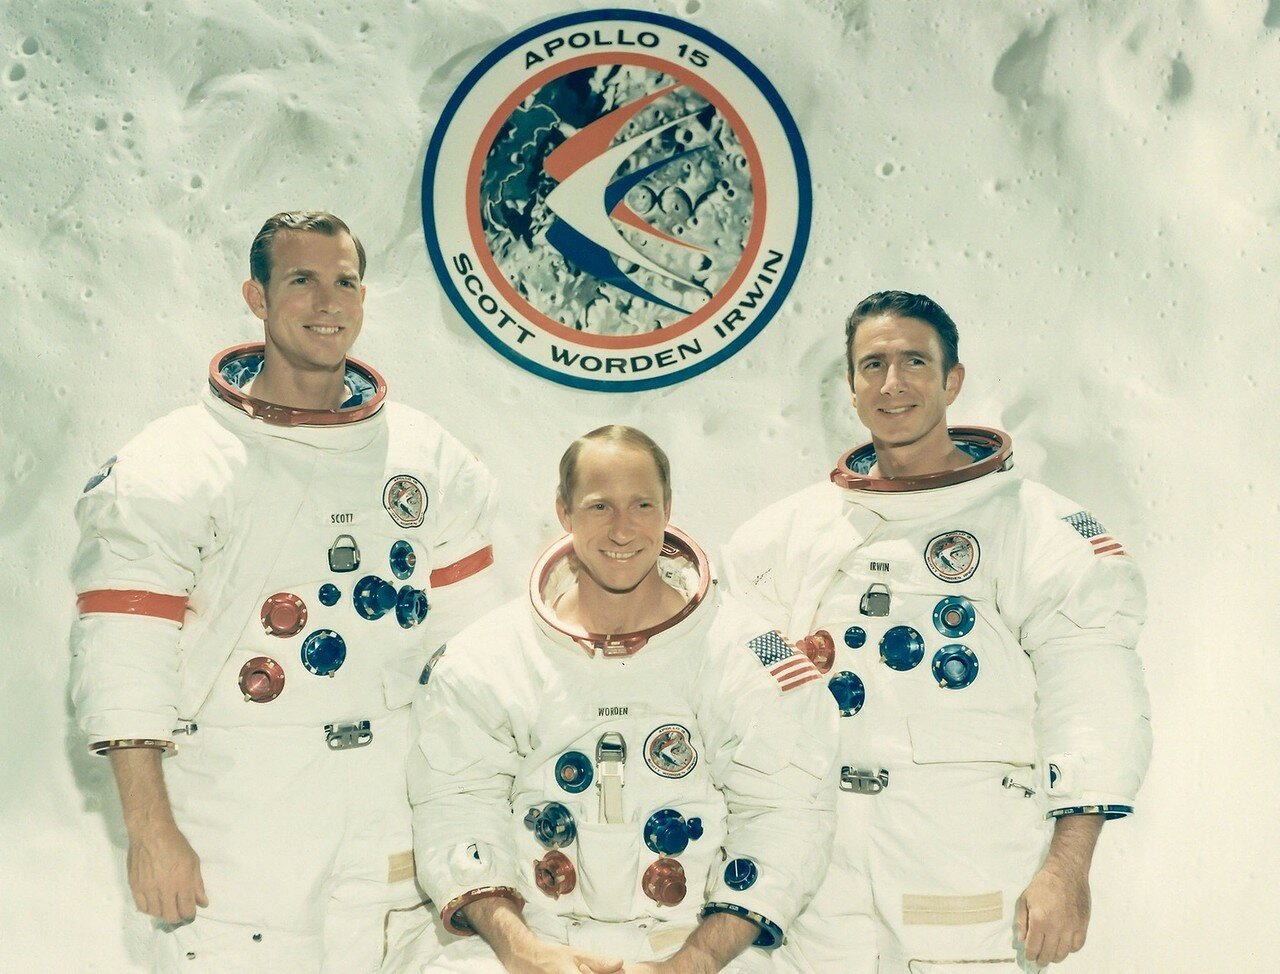 «Аполлон-15» — девятый пилотируемый космический корабль в рамках программы «Аполлон», четвёртая высадка людей на Луну. Командир экипажа Дэвид Скотт и пилот лунного модуля Джеймс Ирвин провели на Луне почти трое суток. На снимке: Официальный портрет